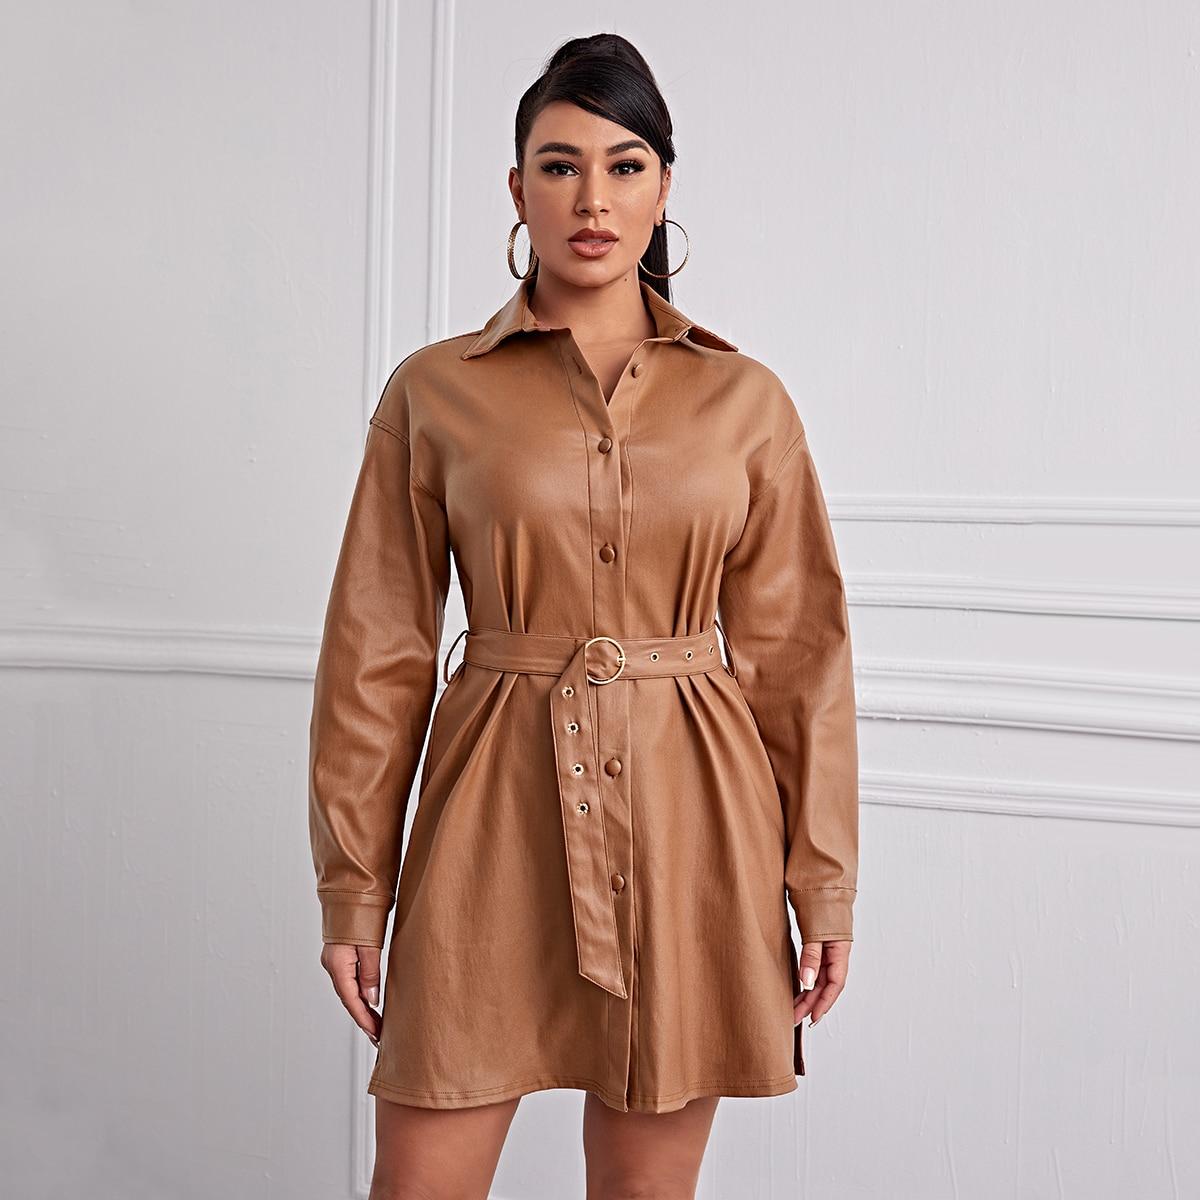 Джинсовое платье-рубагка на пуговицах с поясом